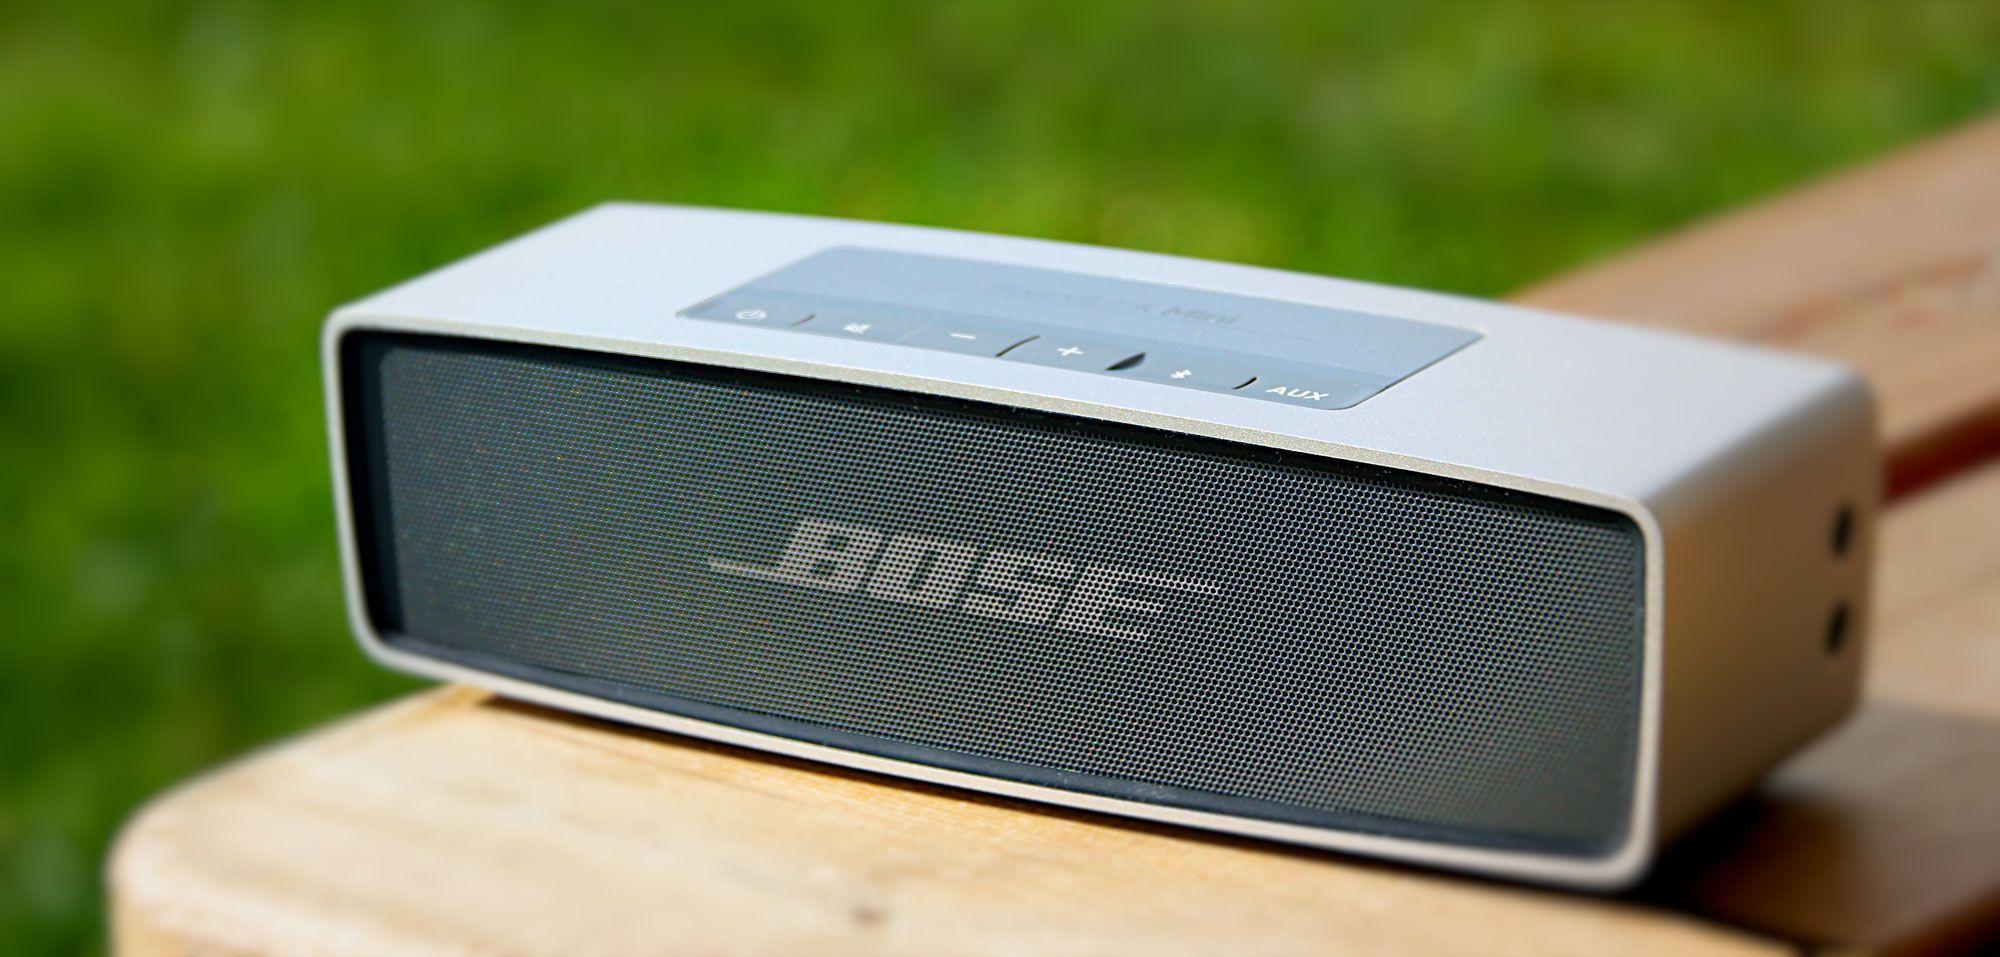 Bose könnte an Musik-Streaming-Dienst arbeiten - https://apfeleimer.de/2014/12/bose-koennte-musik-streaming-dienst-arbeiten - Zwischen Bose und der Apple-Tochter Beats ist es in den vergangenen Monaten heiß hergegangen: im Juli 2014 hat Bose Beats wegen eines Verstoßes gegen bestehende Patenteverklagt, zudem hat Bose einen exklusiven Deal mit der NFL geschlossen, durch den den NFL-Spielern untersagt ist, Be...